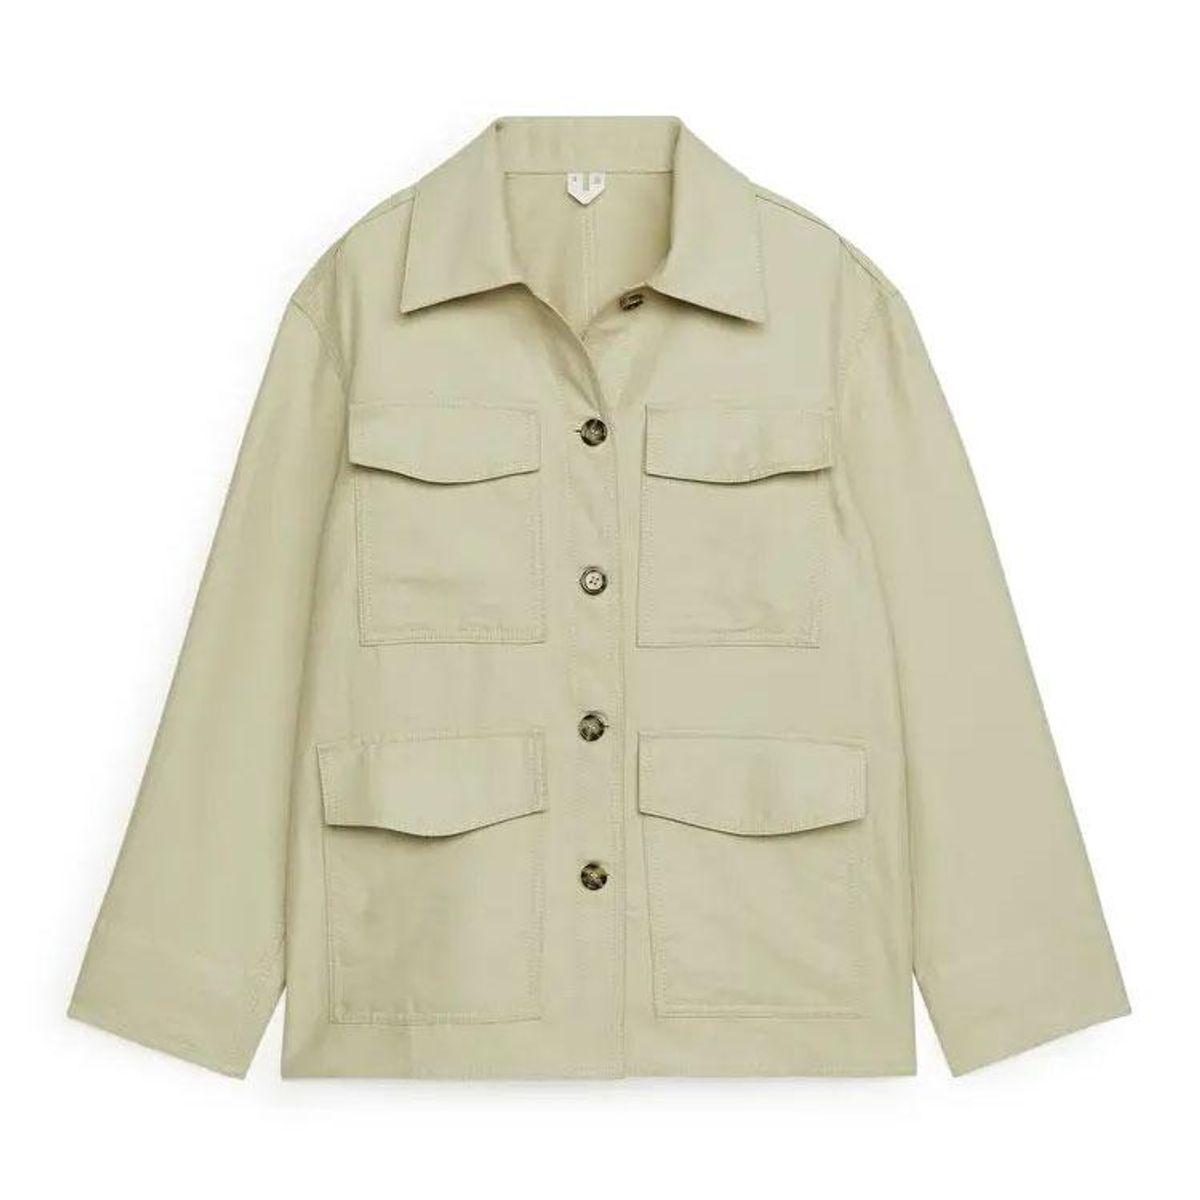 arket cotton hemp overshirt